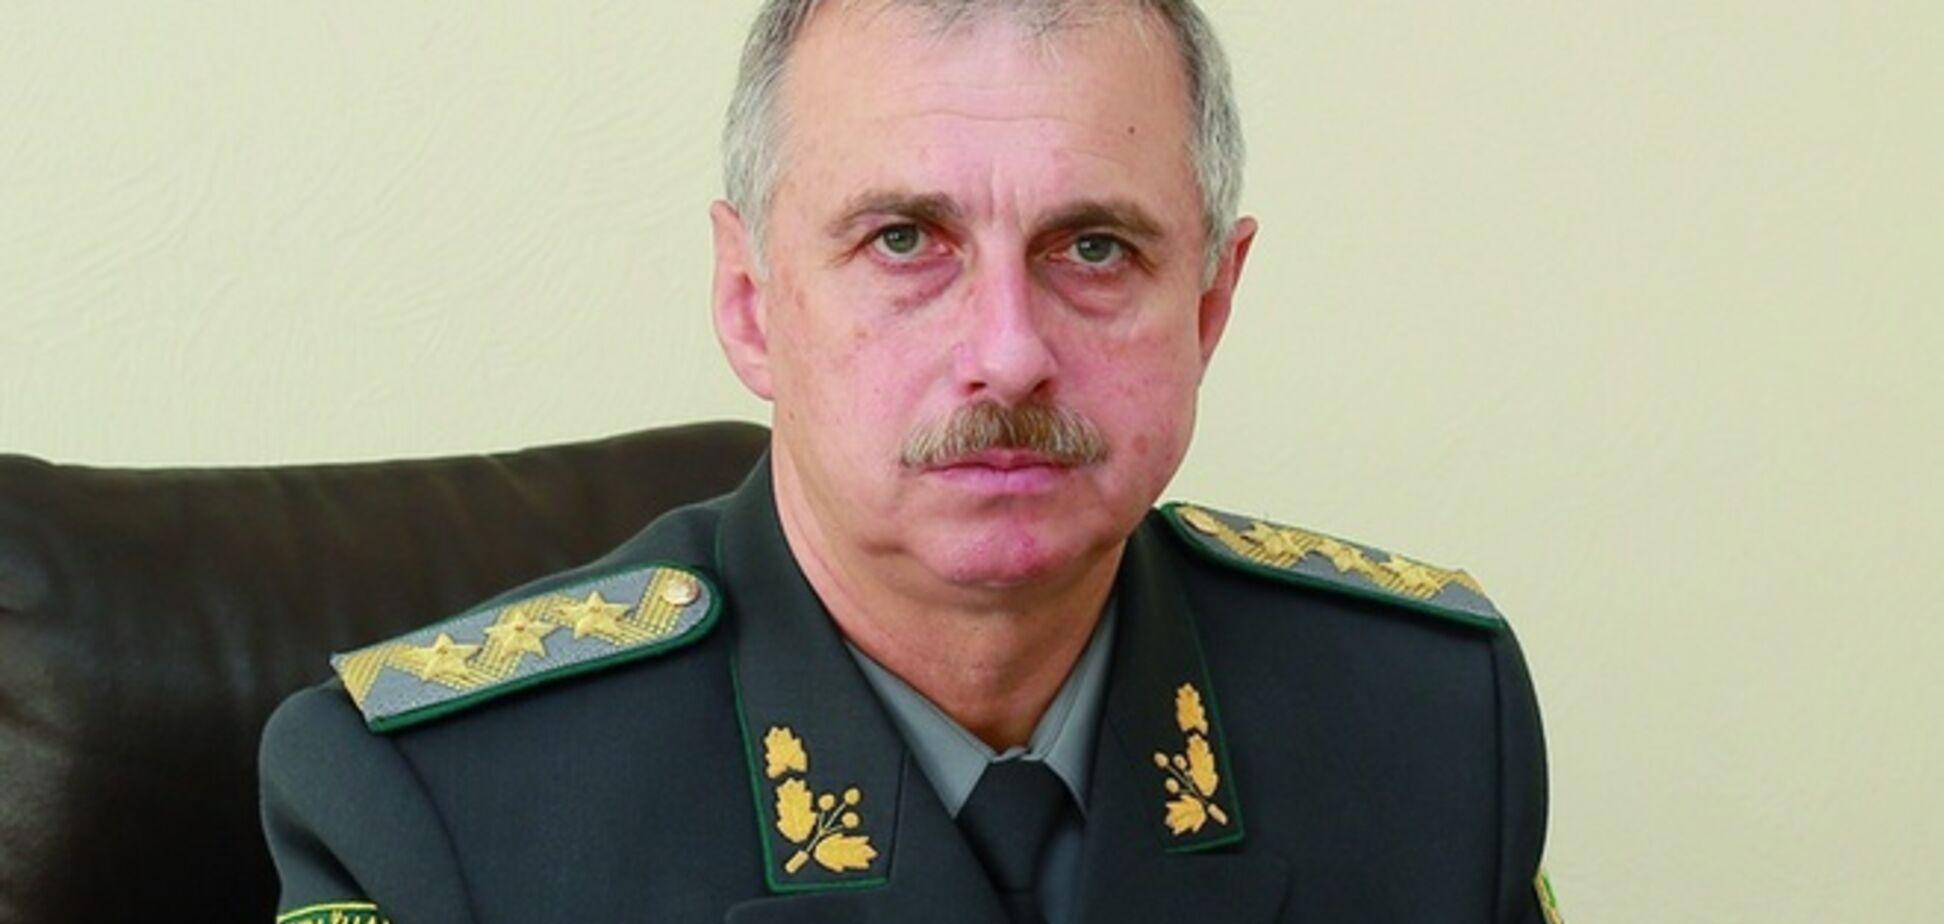 Штурма прикордонників на Луганщині не було - міністр оборони